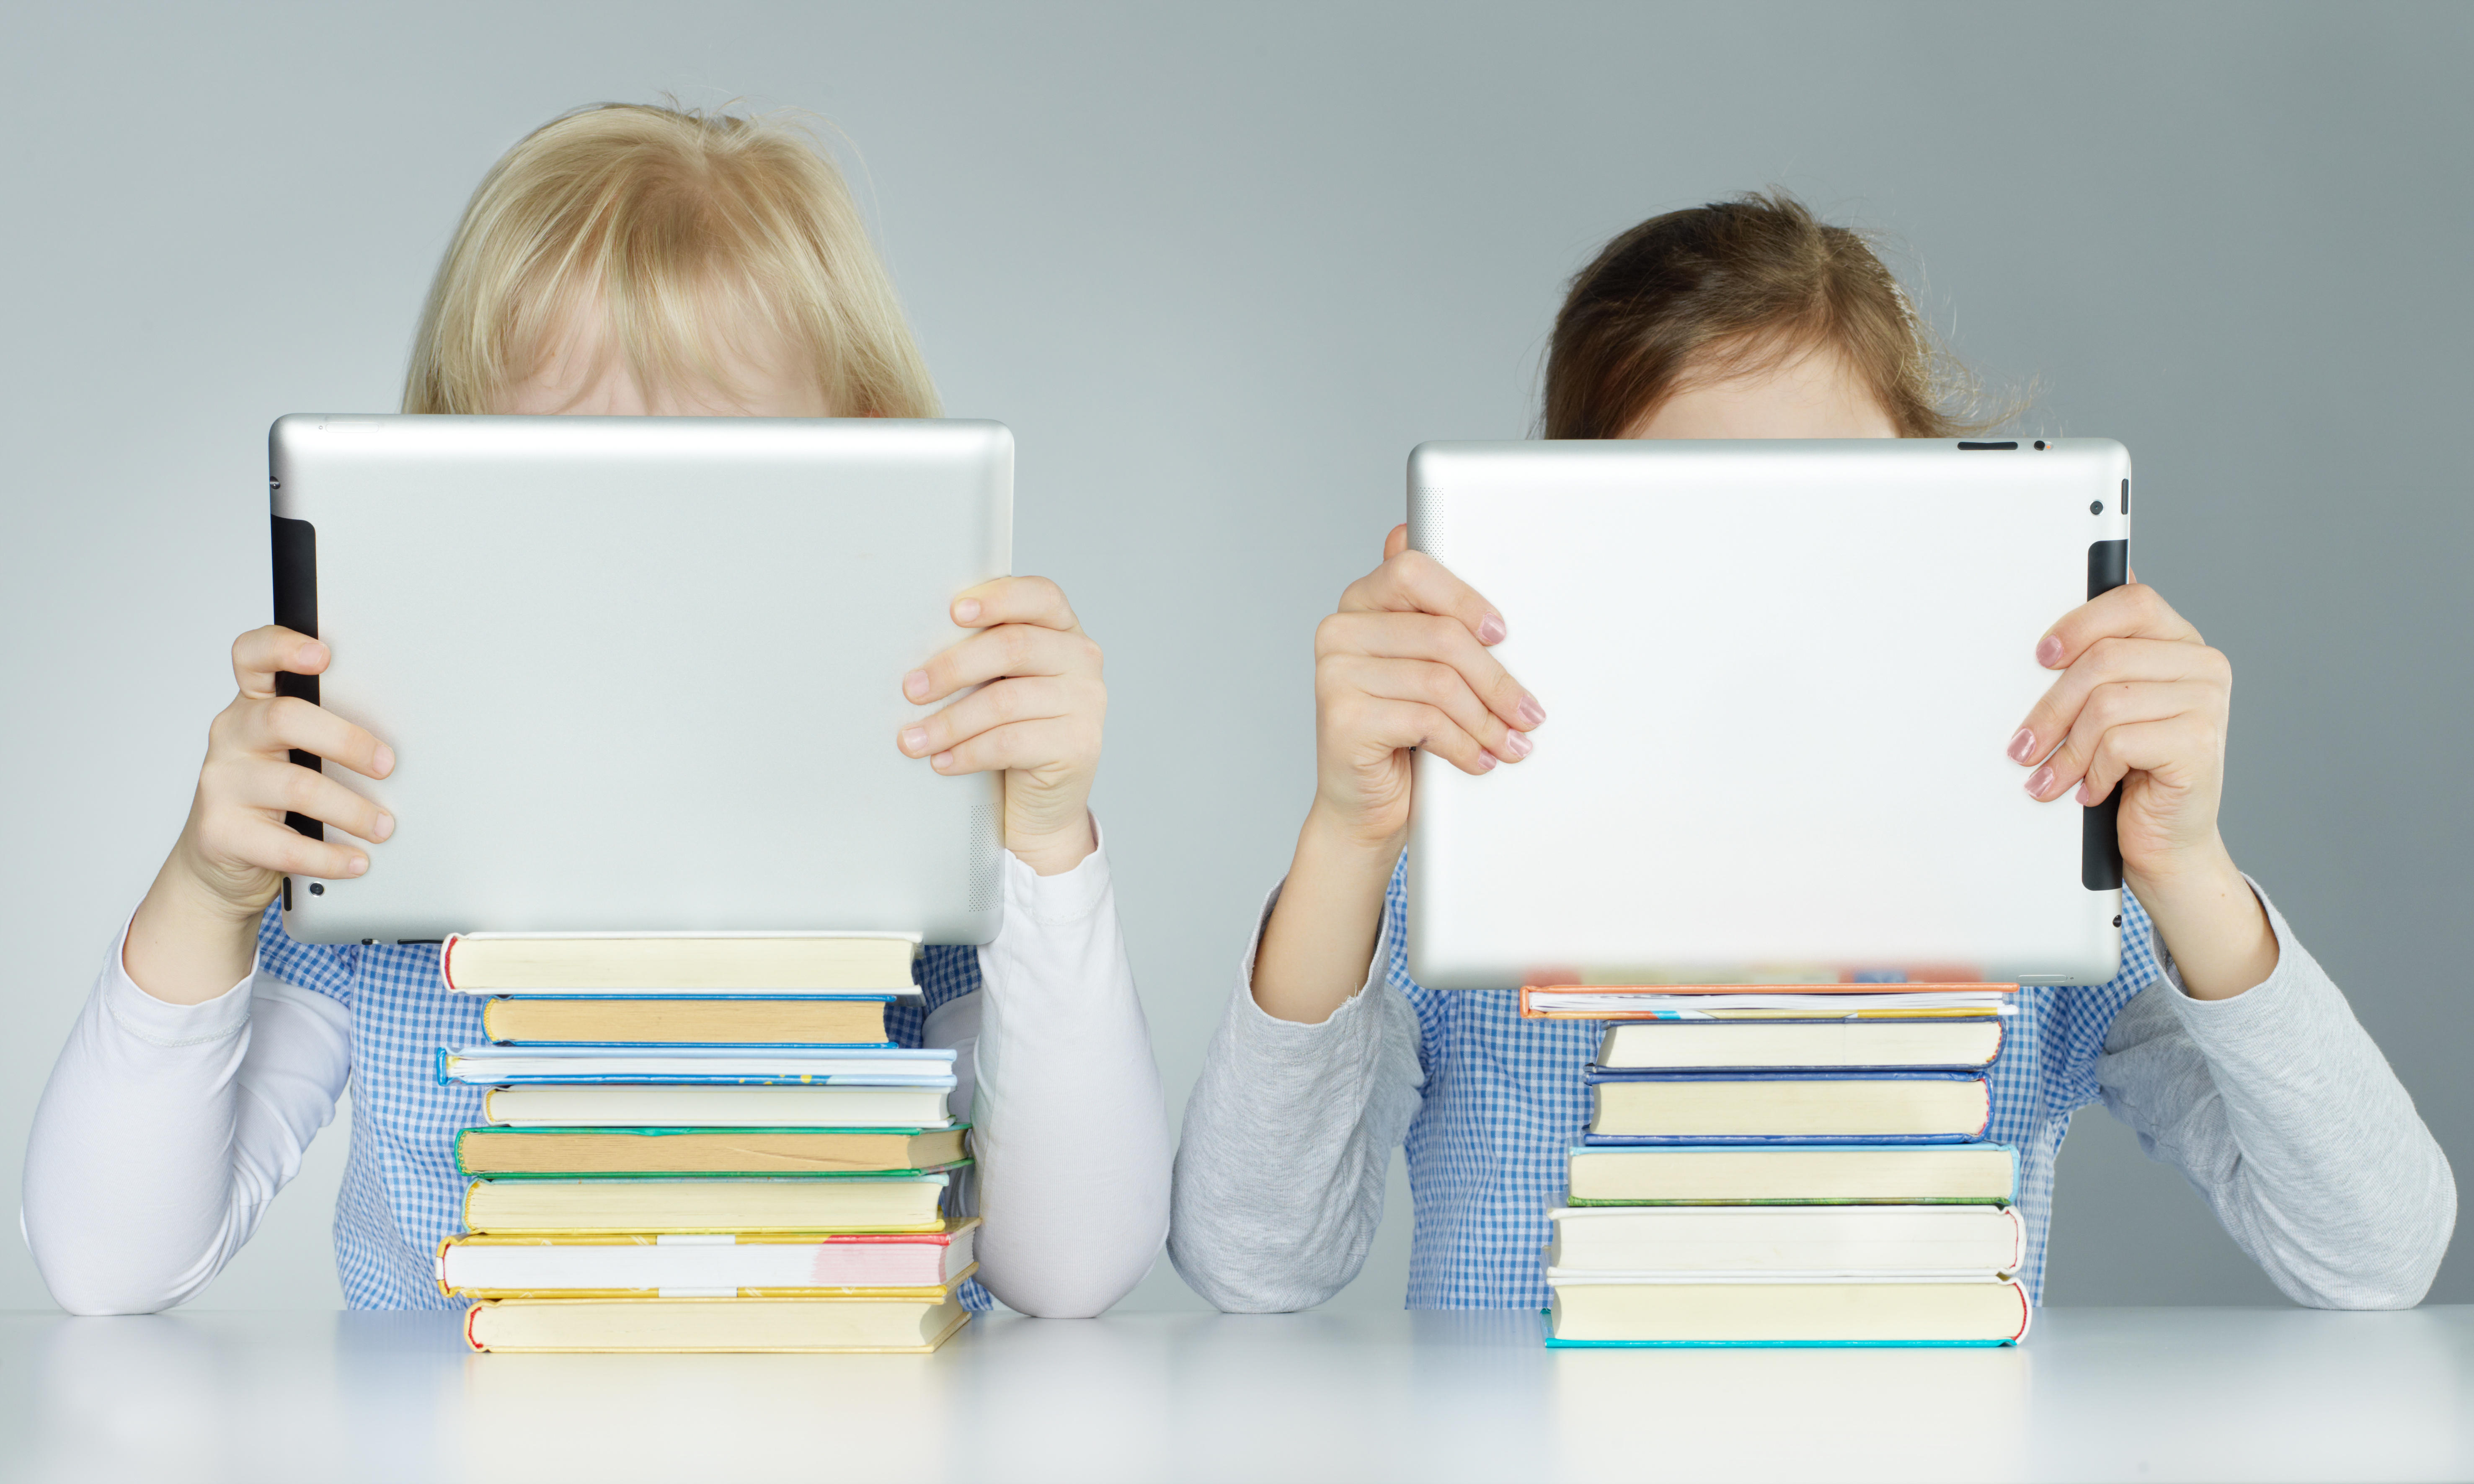 Internet Está Modificando La Forma De Leer Y Procesar La Información De Niños Y Adolescentes Kids And Teens Online